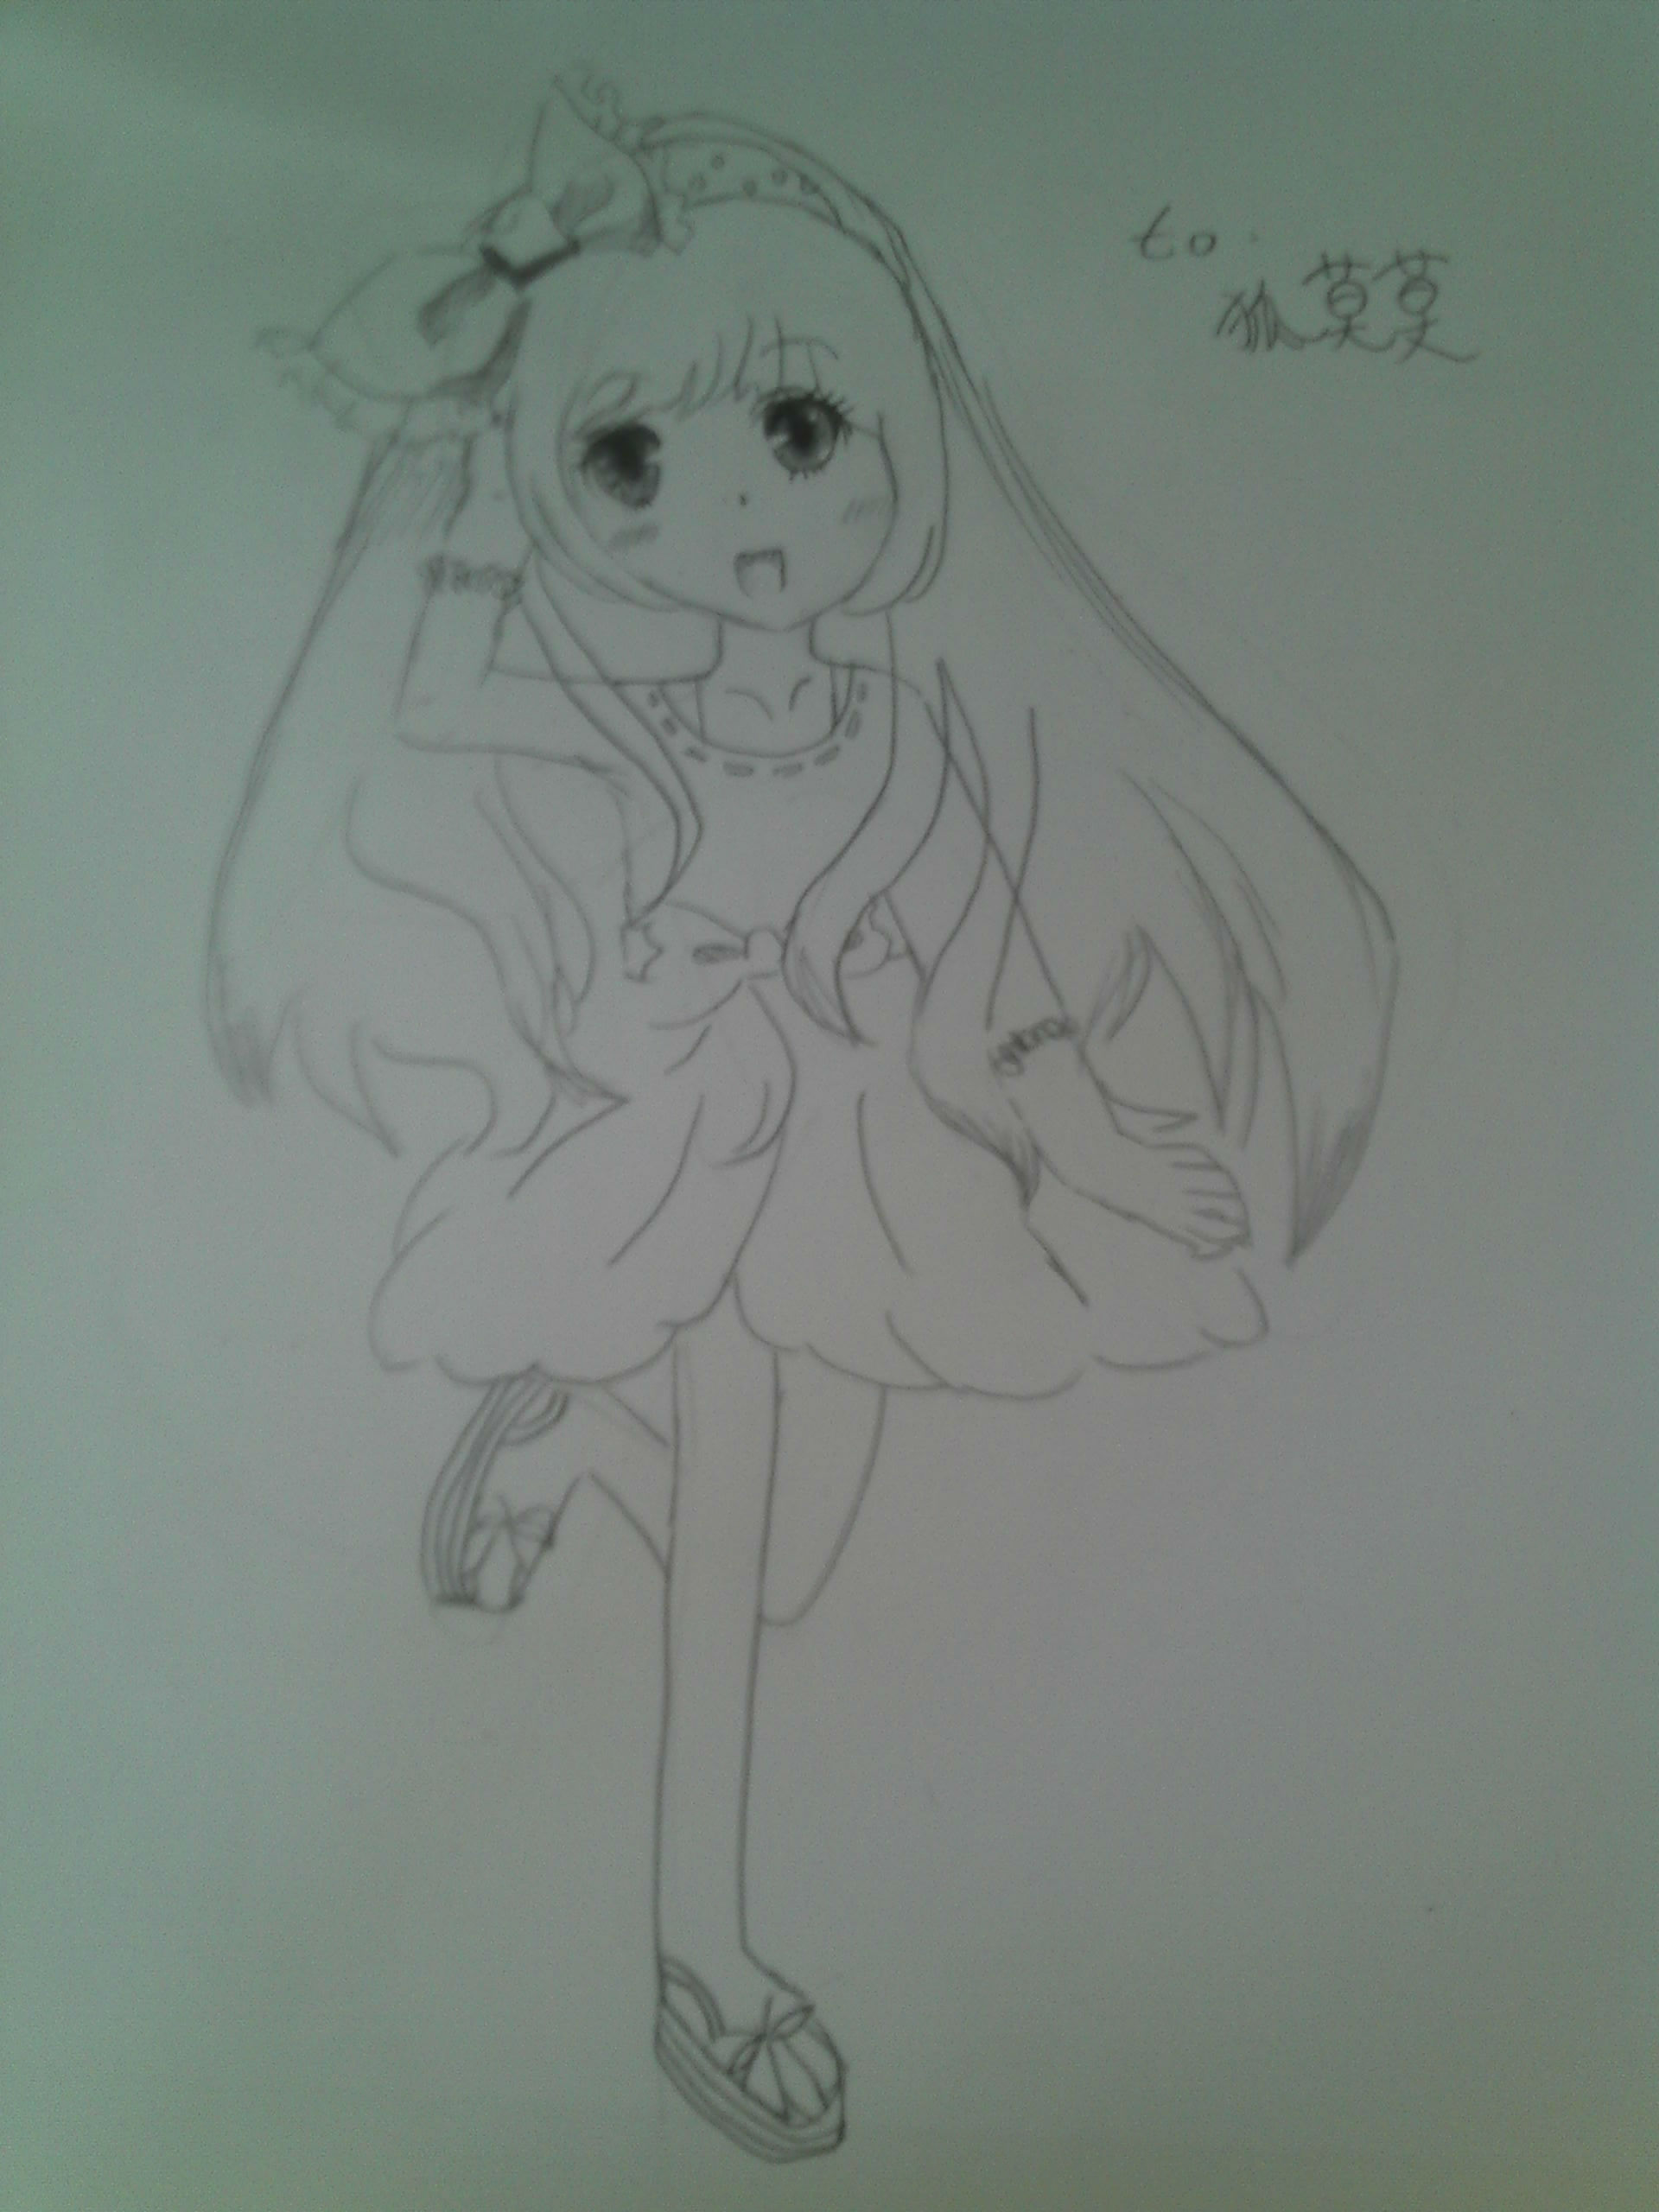 【蔷薇】自己画的龙妮和迷蝶花仙,大家也发发形象卡